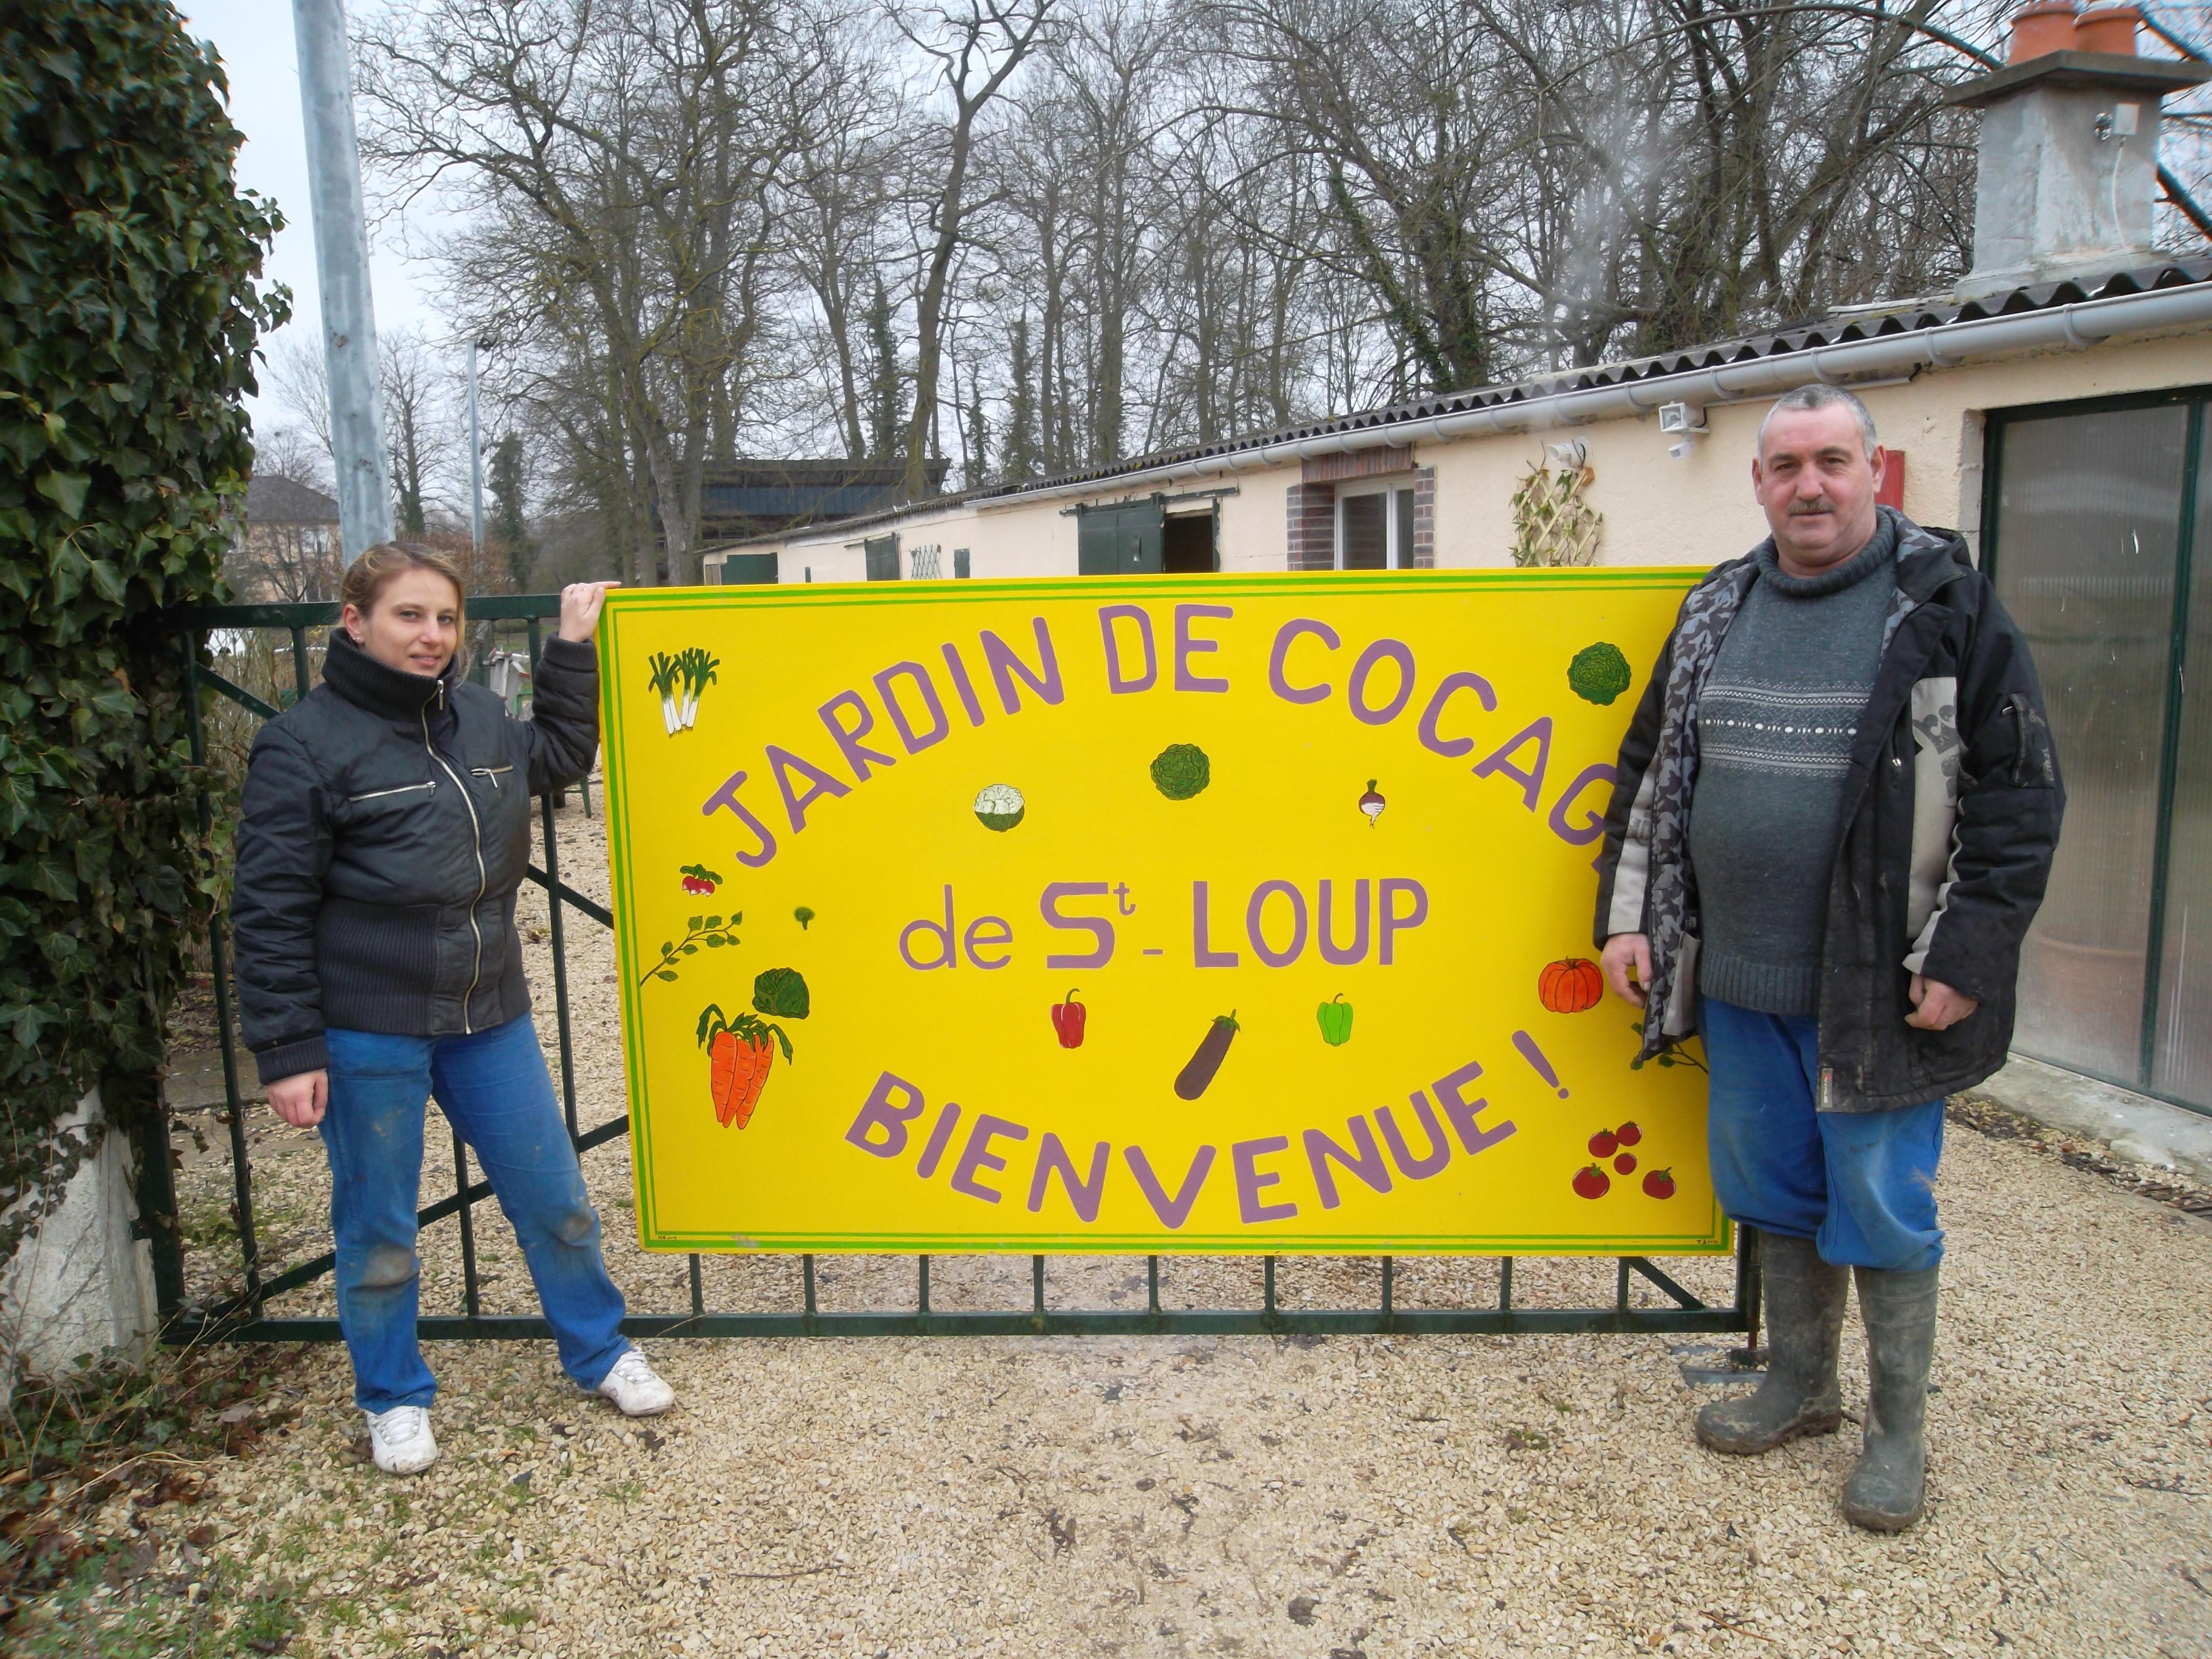 Le Jardin de Cocagne de Saint Loup un tremplin pour retrouver